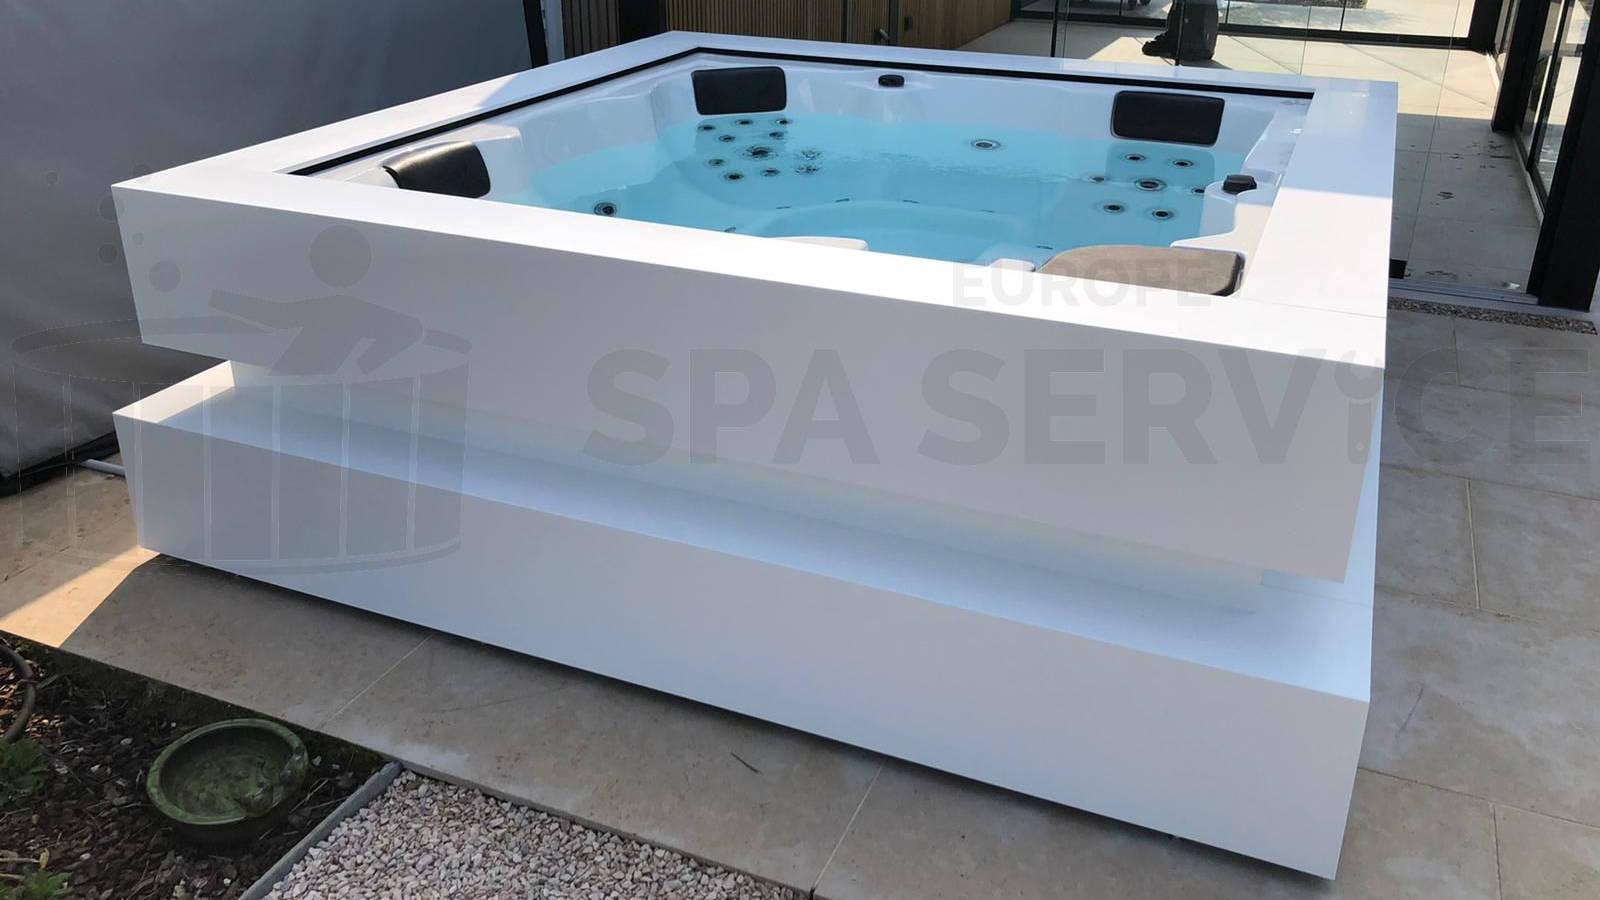 Plaatsing van een Aquavia Cube Ergo spa in Aalst België